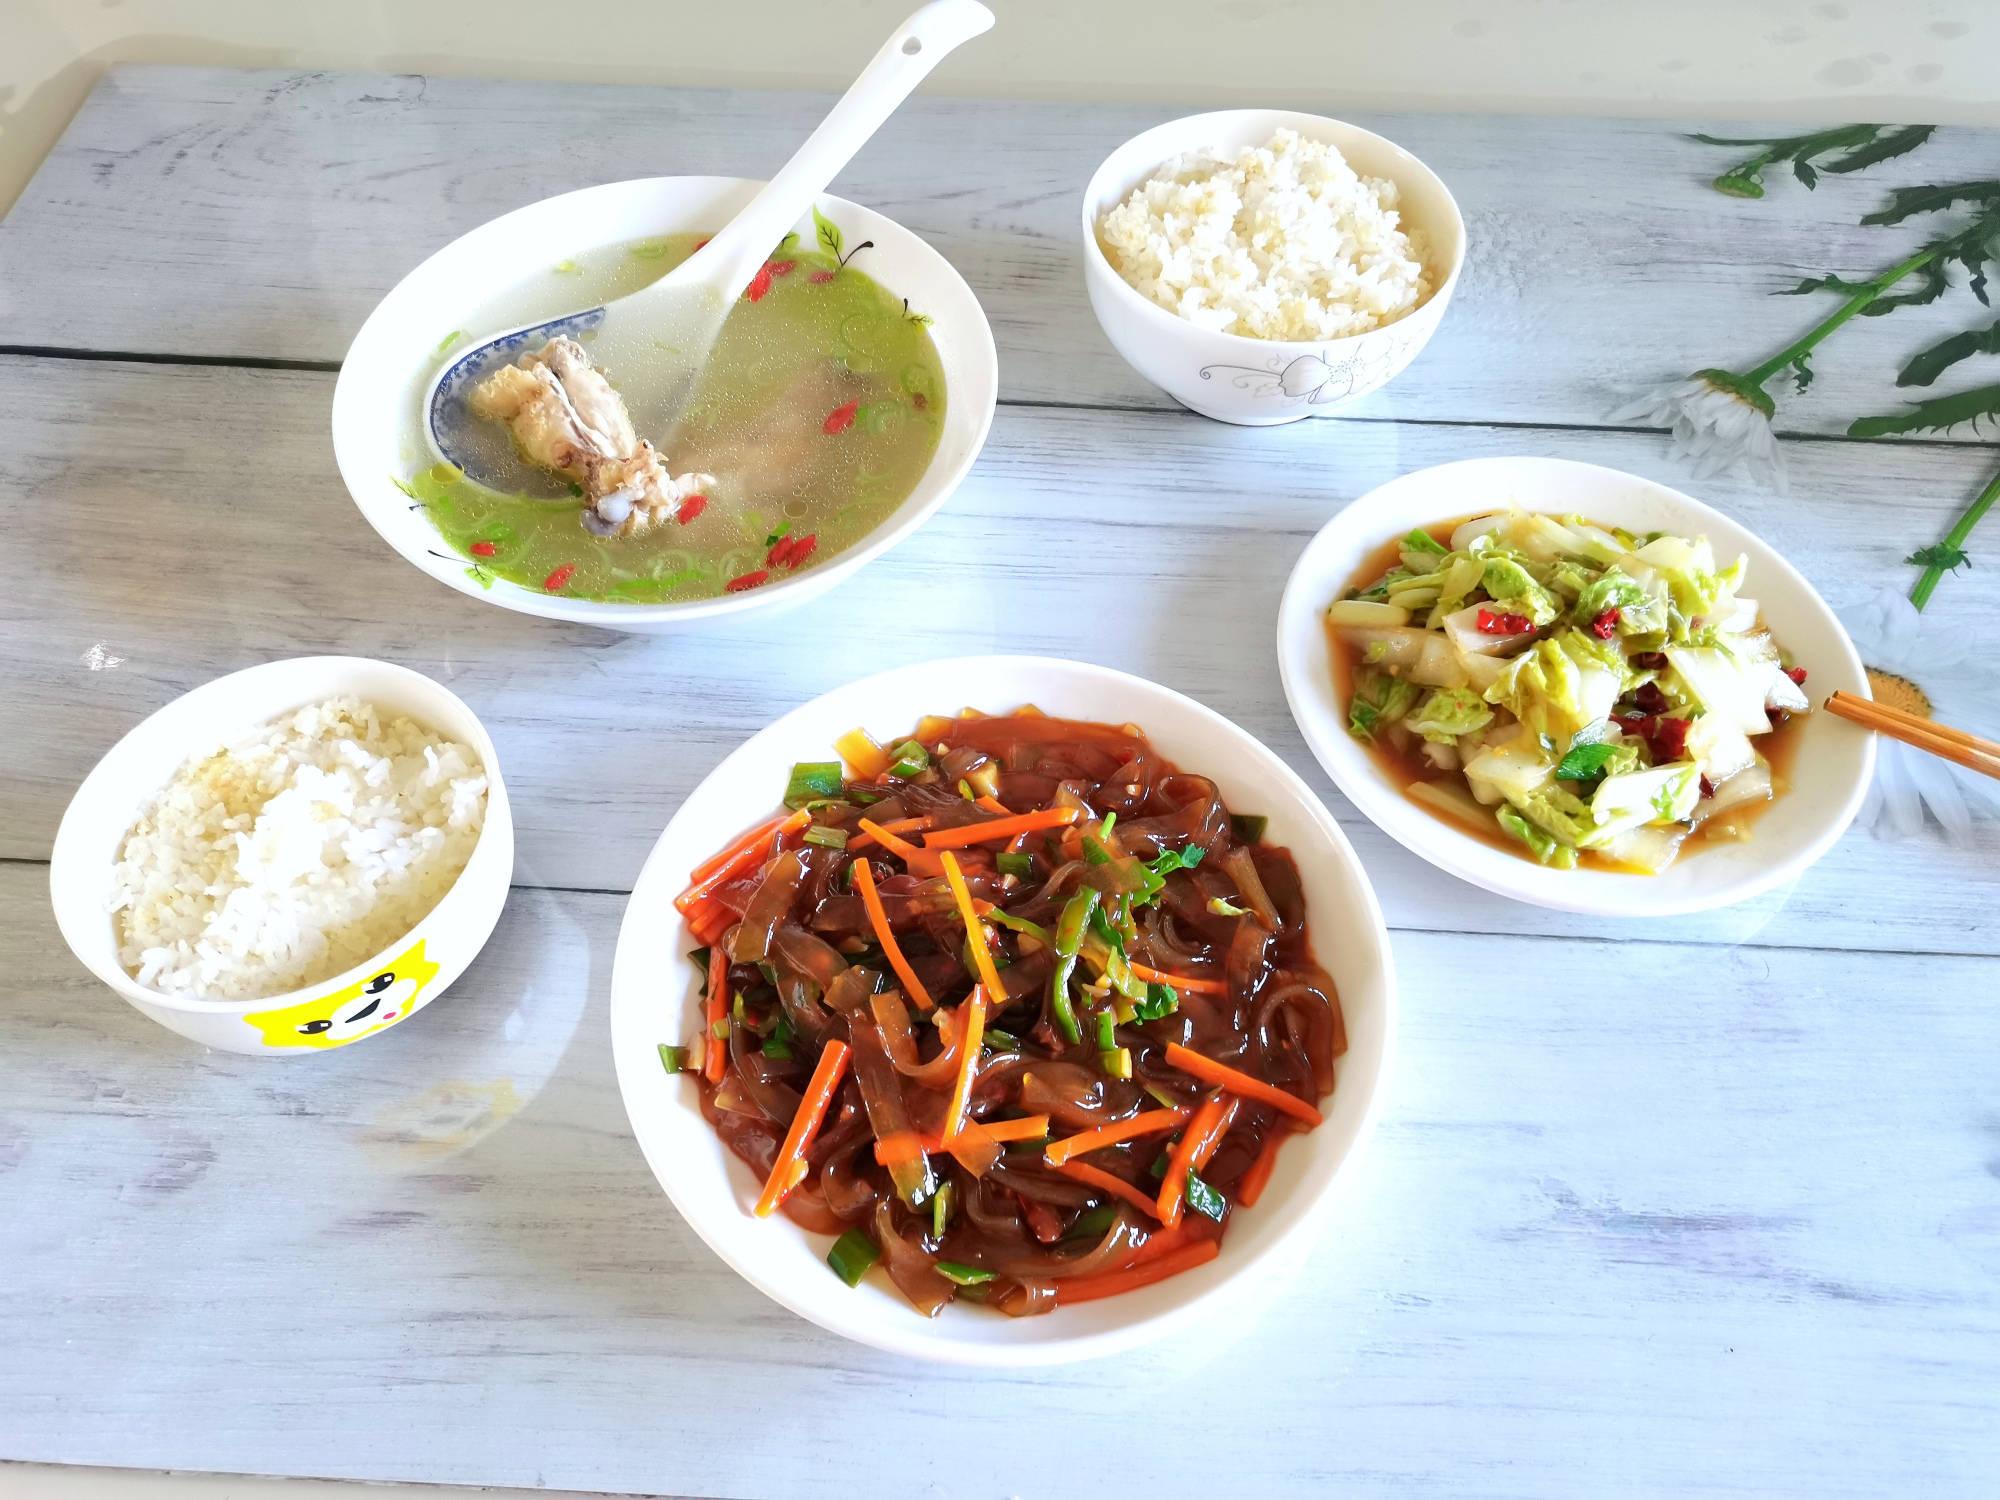 太难了,青山学做菜满足不了所有人的胃?这里有一家人爱吃的美食菜谱